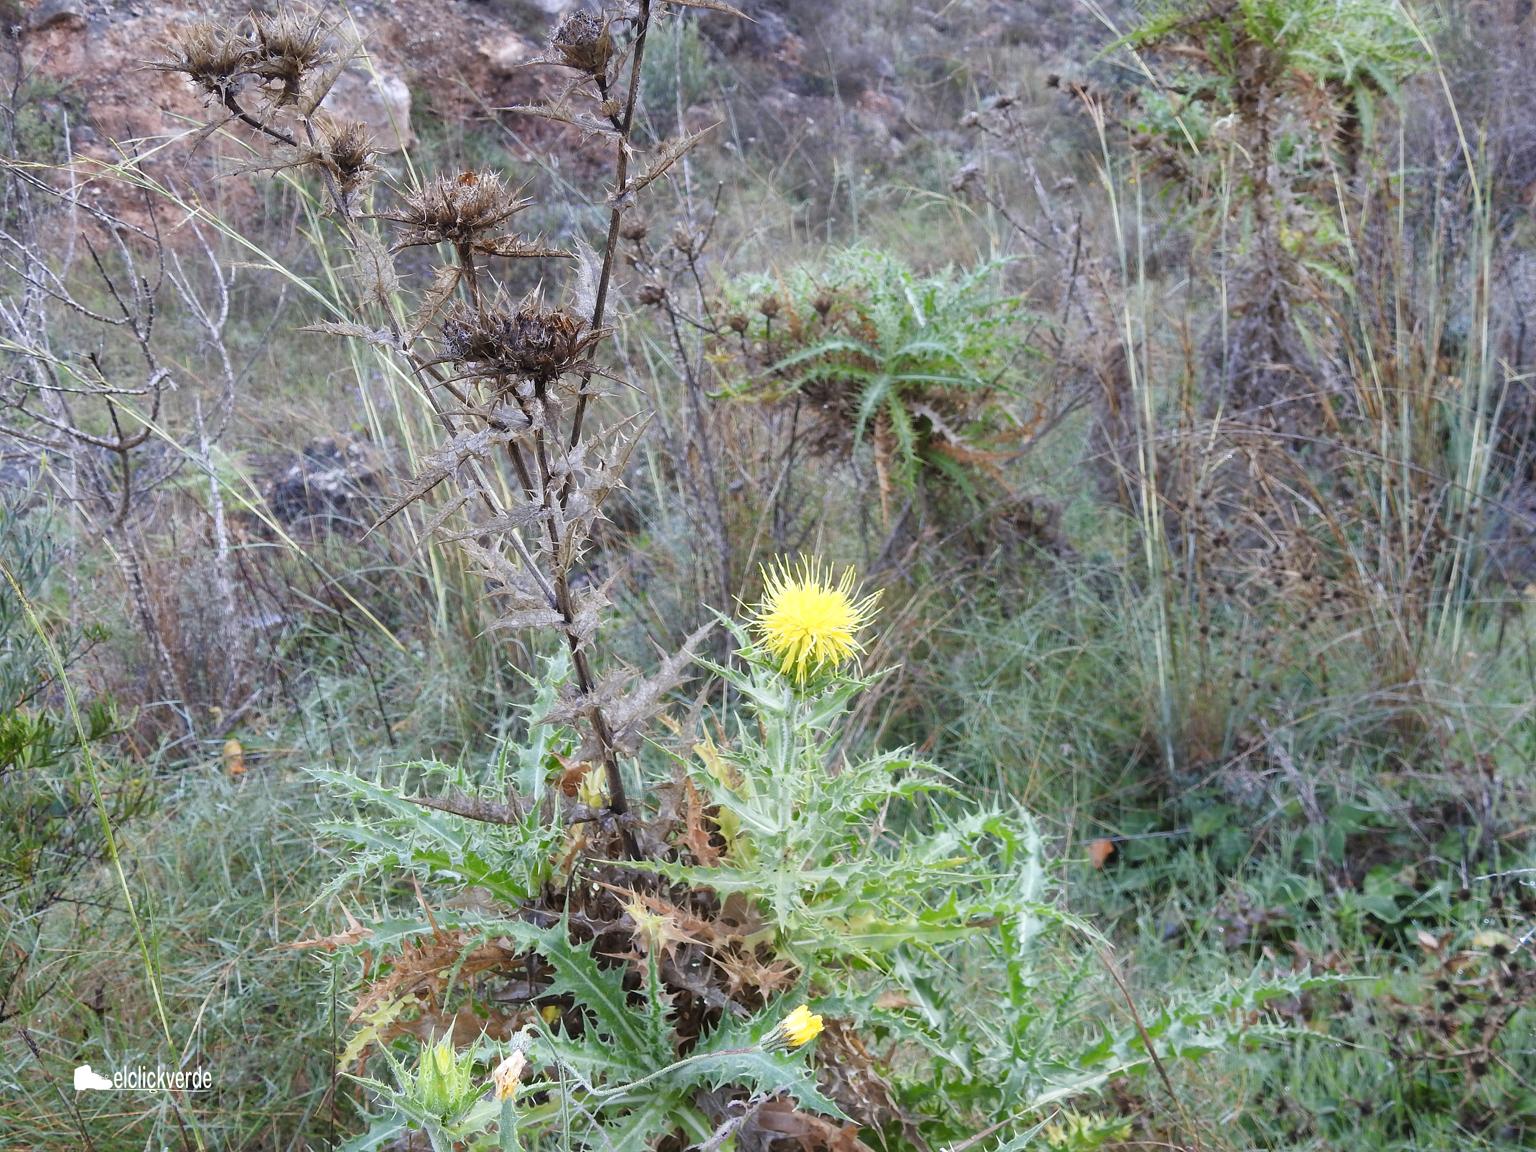 Cardos en flor, para regocijo de la fauna. Imagen: elclickverde